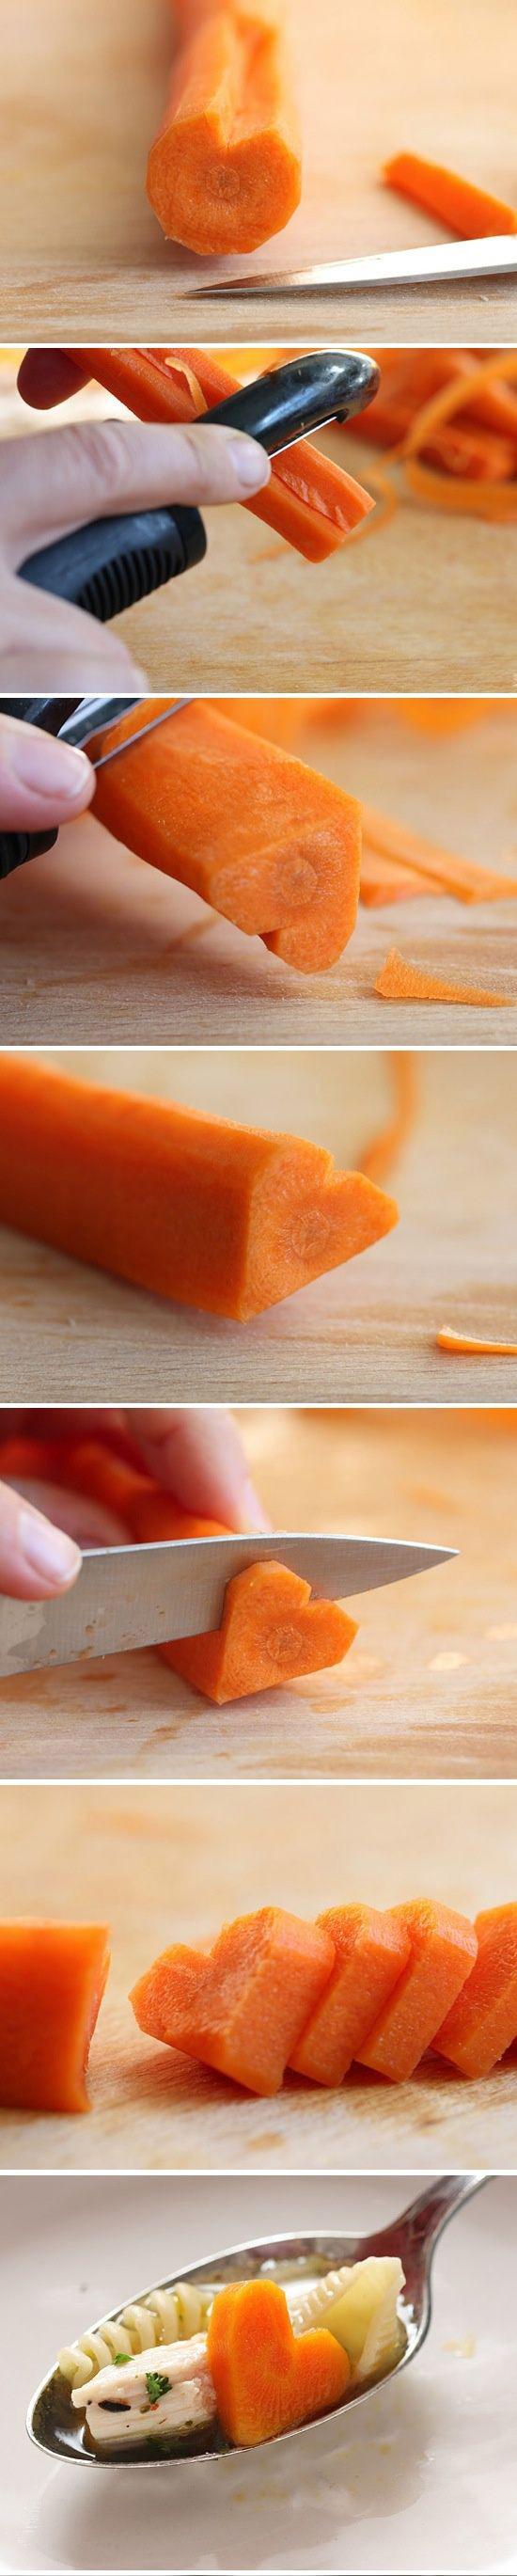 сердечко из моркови